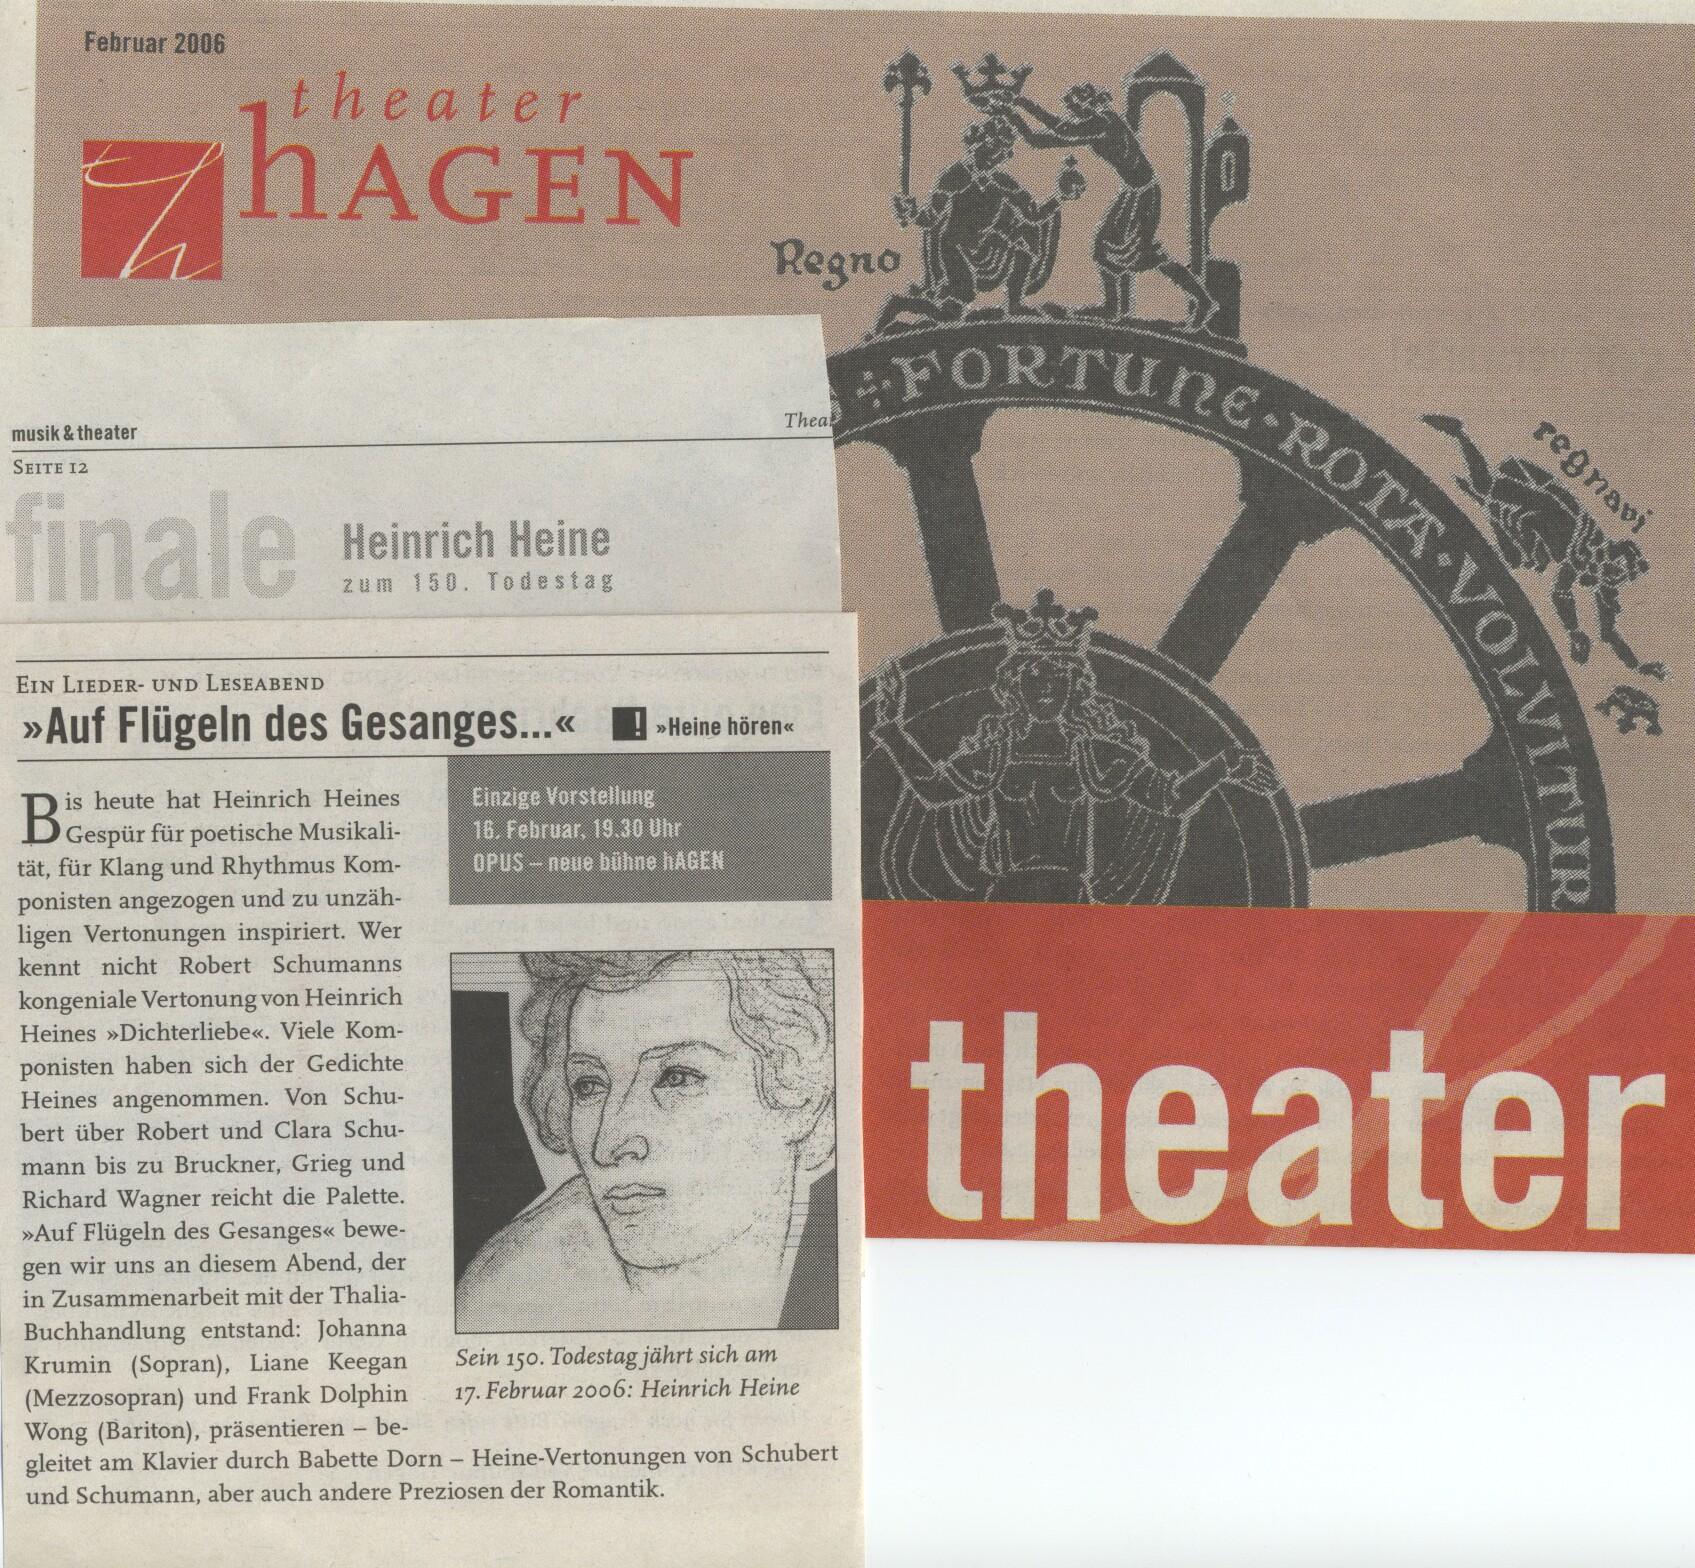 2006 Hagen